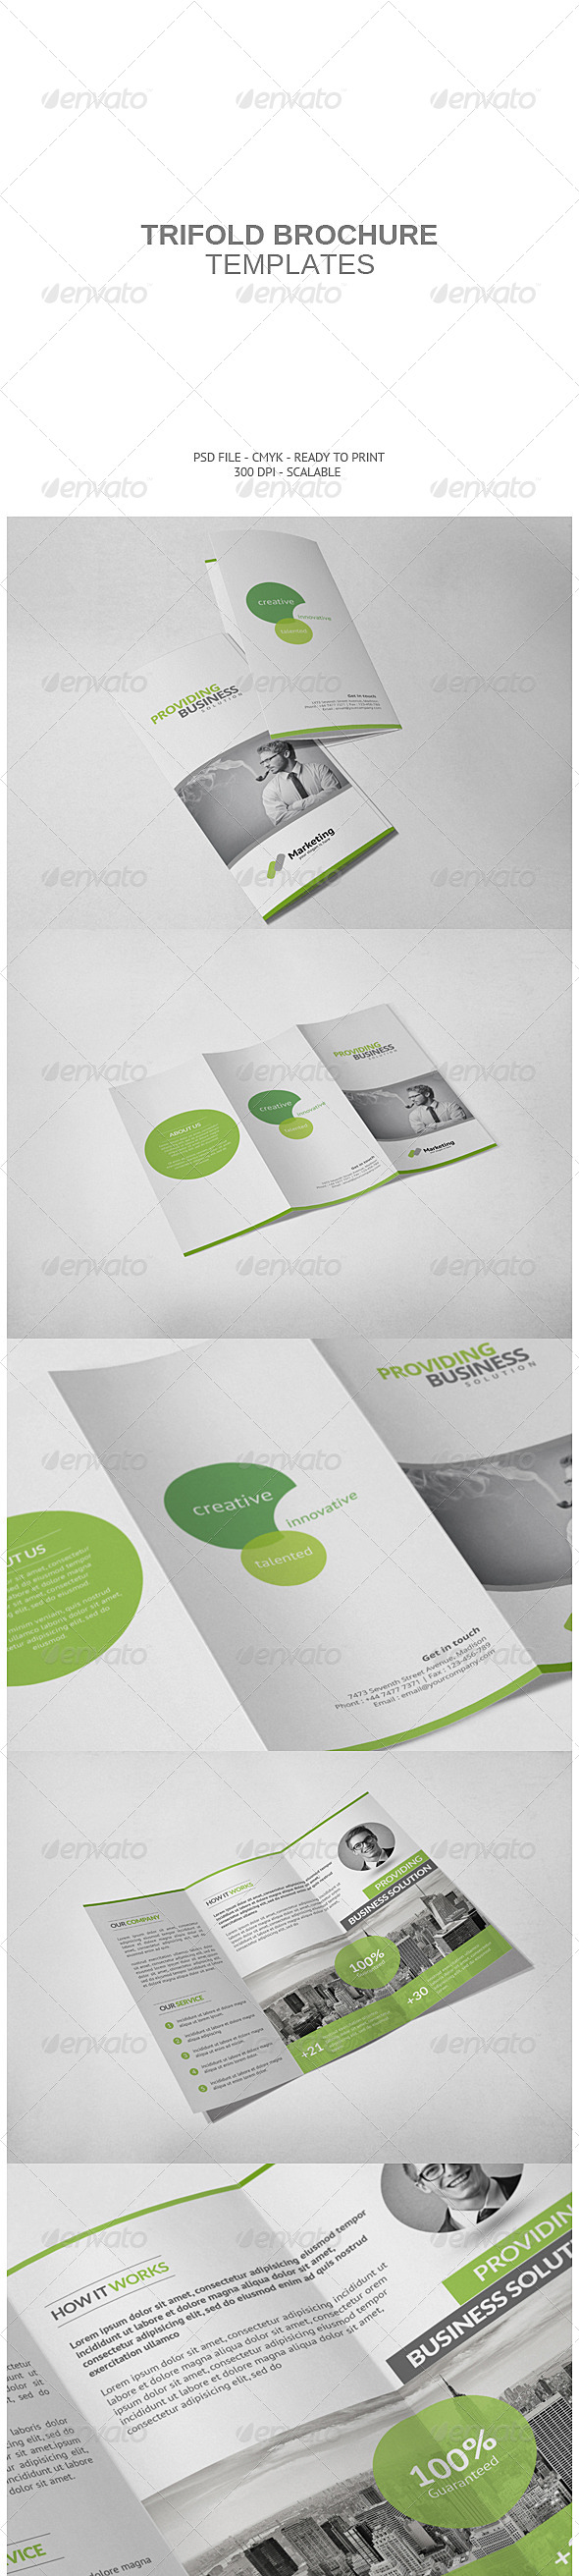 GraphicRiver Corporate Tri-fold Brochure 7504400